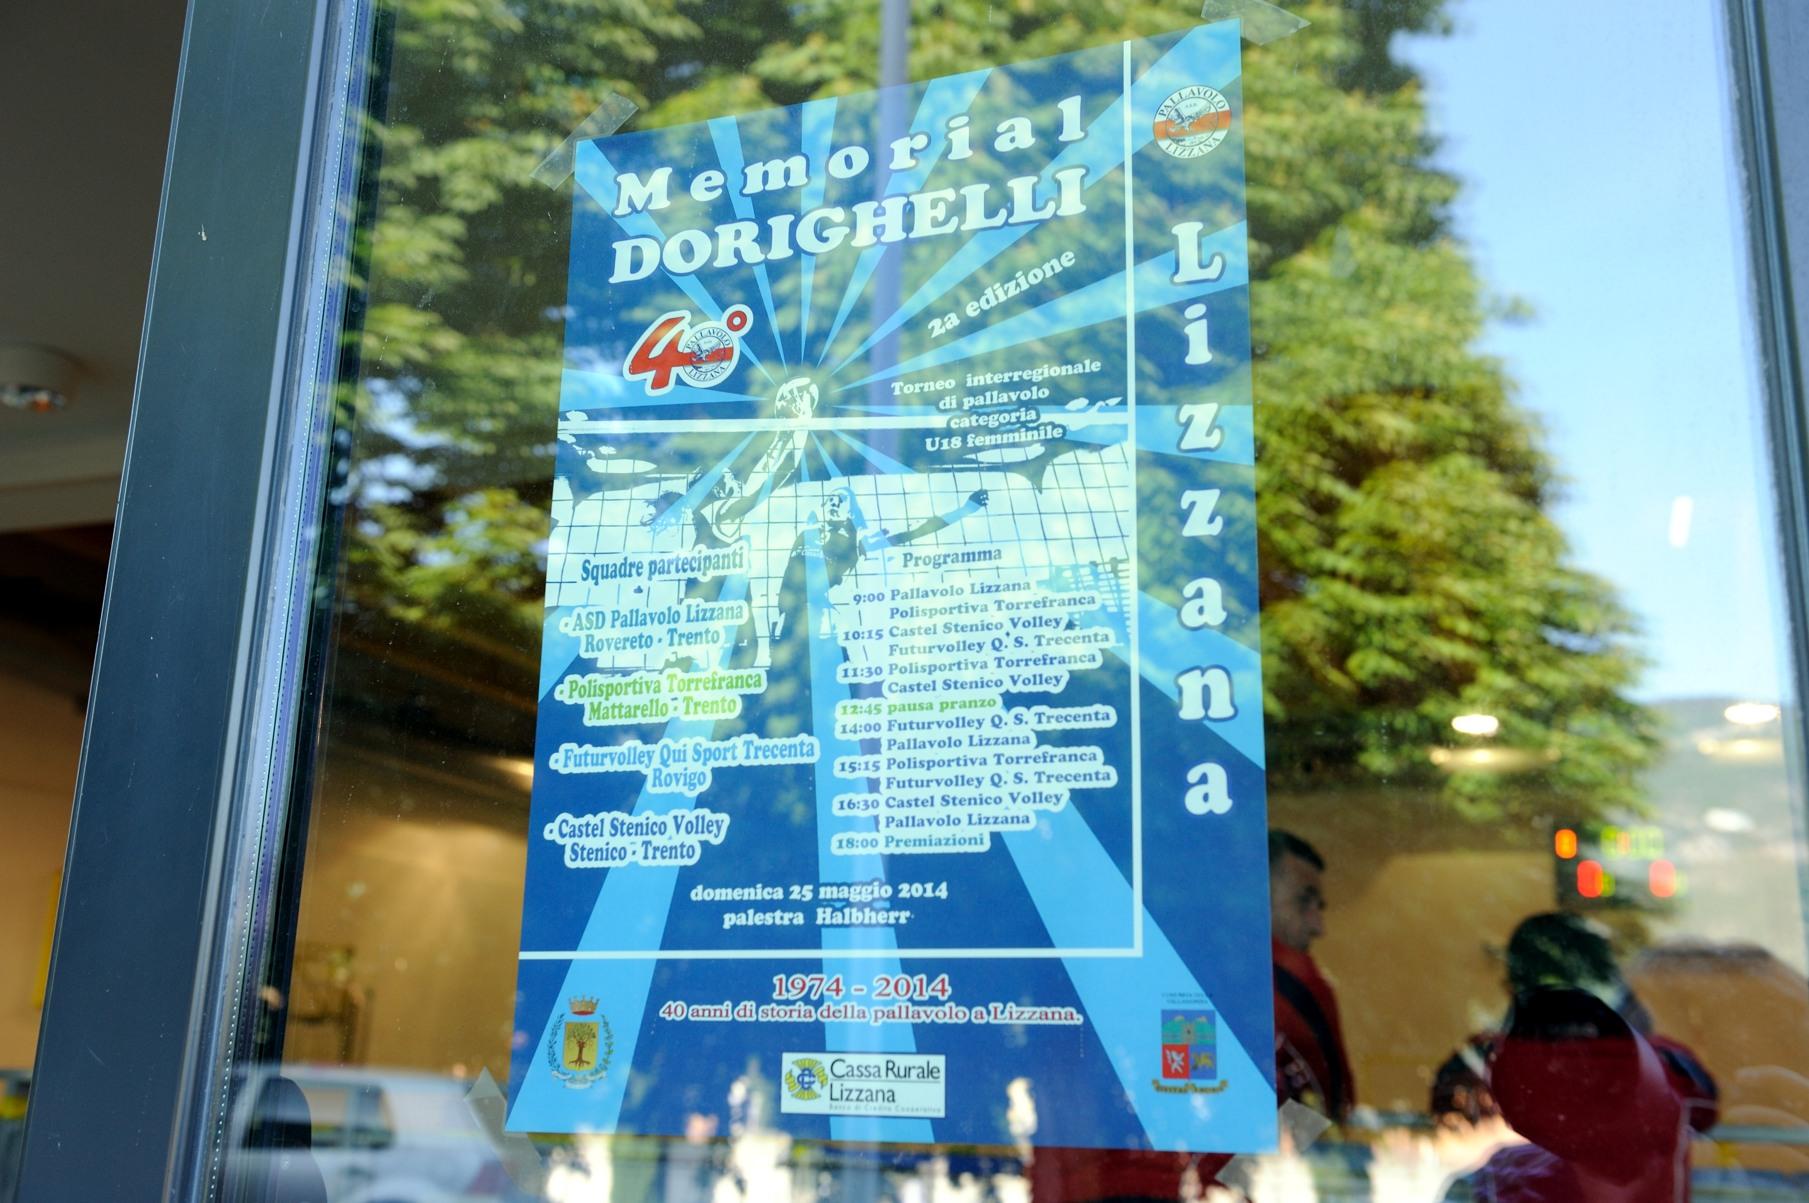 2014-15 Dorigh2a_000